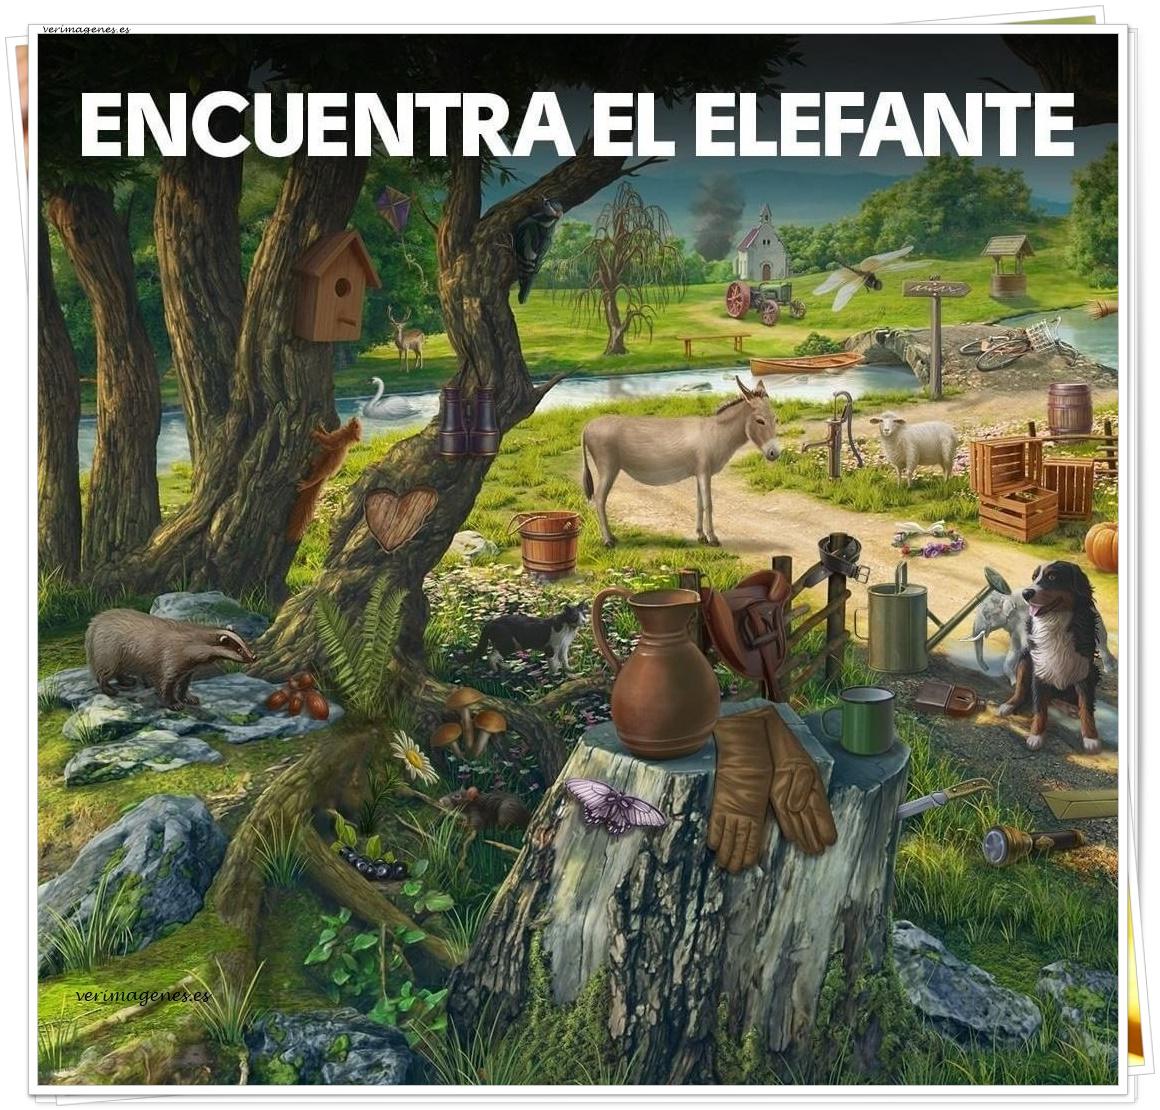 Imagen Encuentra el elefante